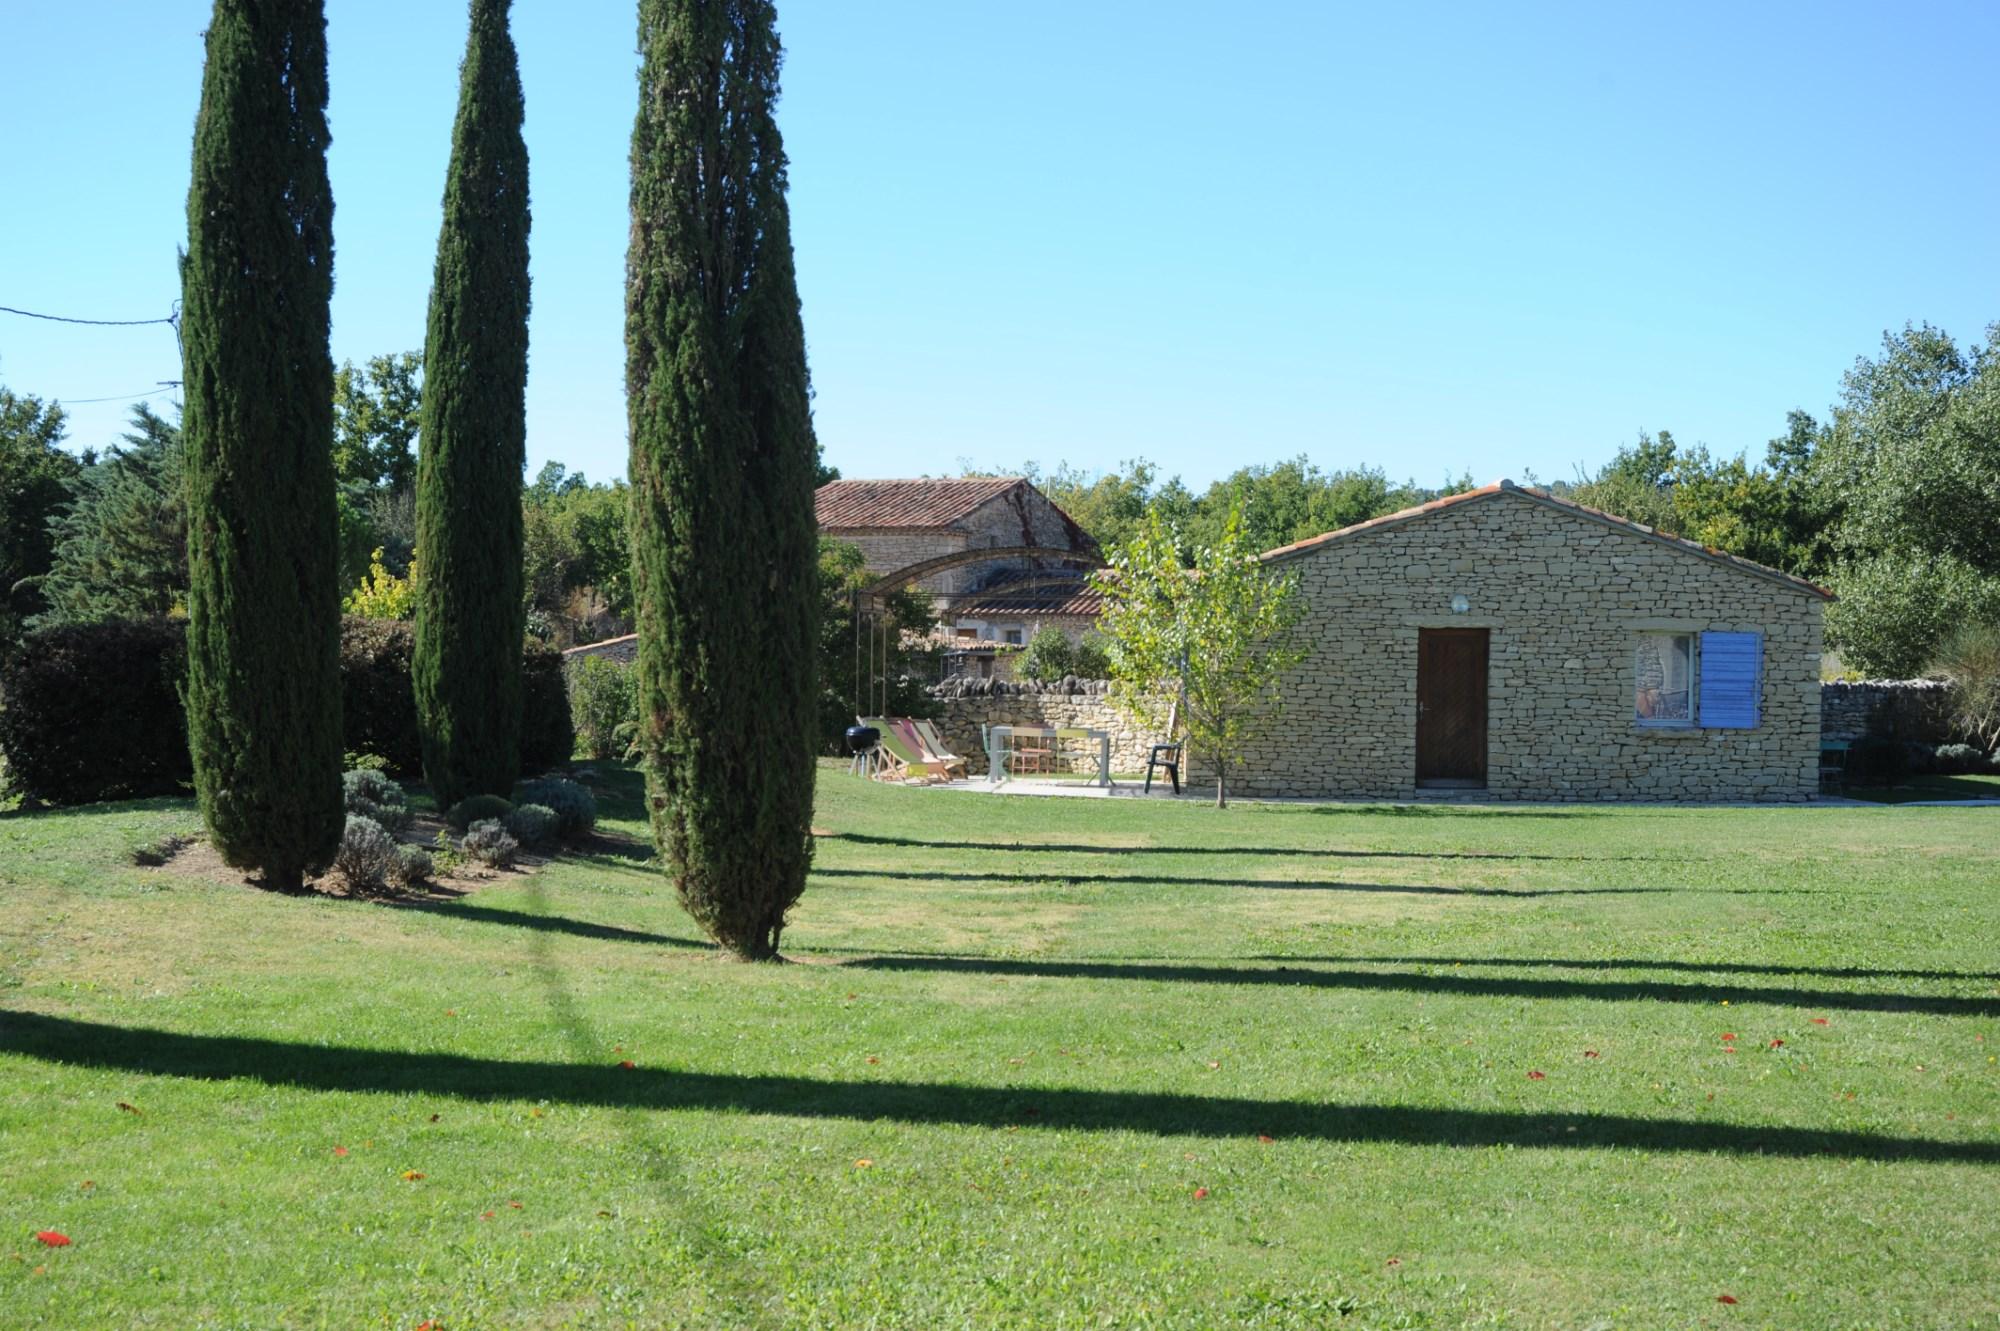 A vendre, à quelques minutes des plus beaux villages du Luberon,  maison en pierres de plain pied d'environ 115 m² divisé en 2 appartements